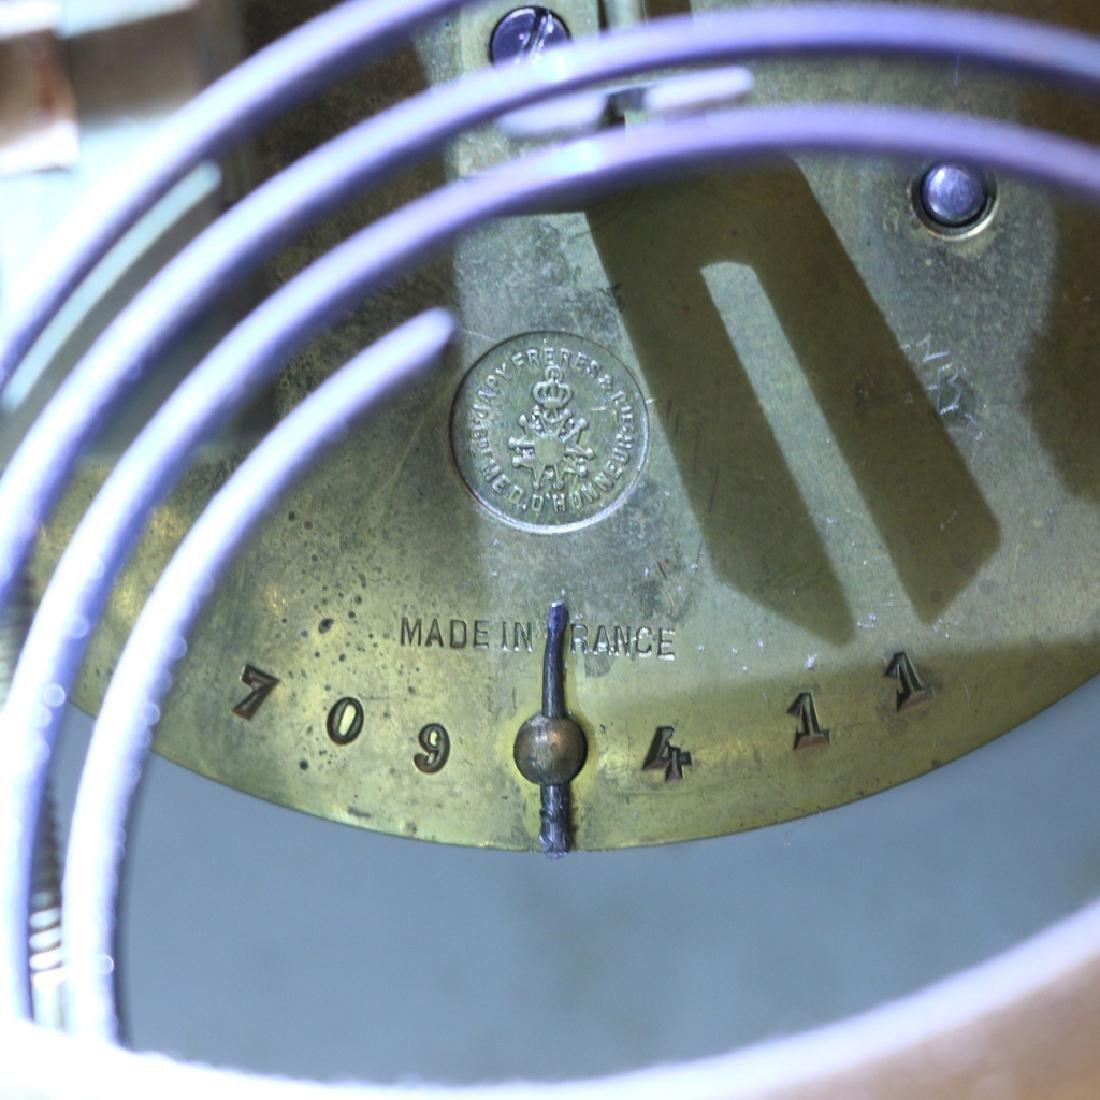 JAPY FRERES ROYAL BONN PORCELAIN MANTEL CLOCK - 8